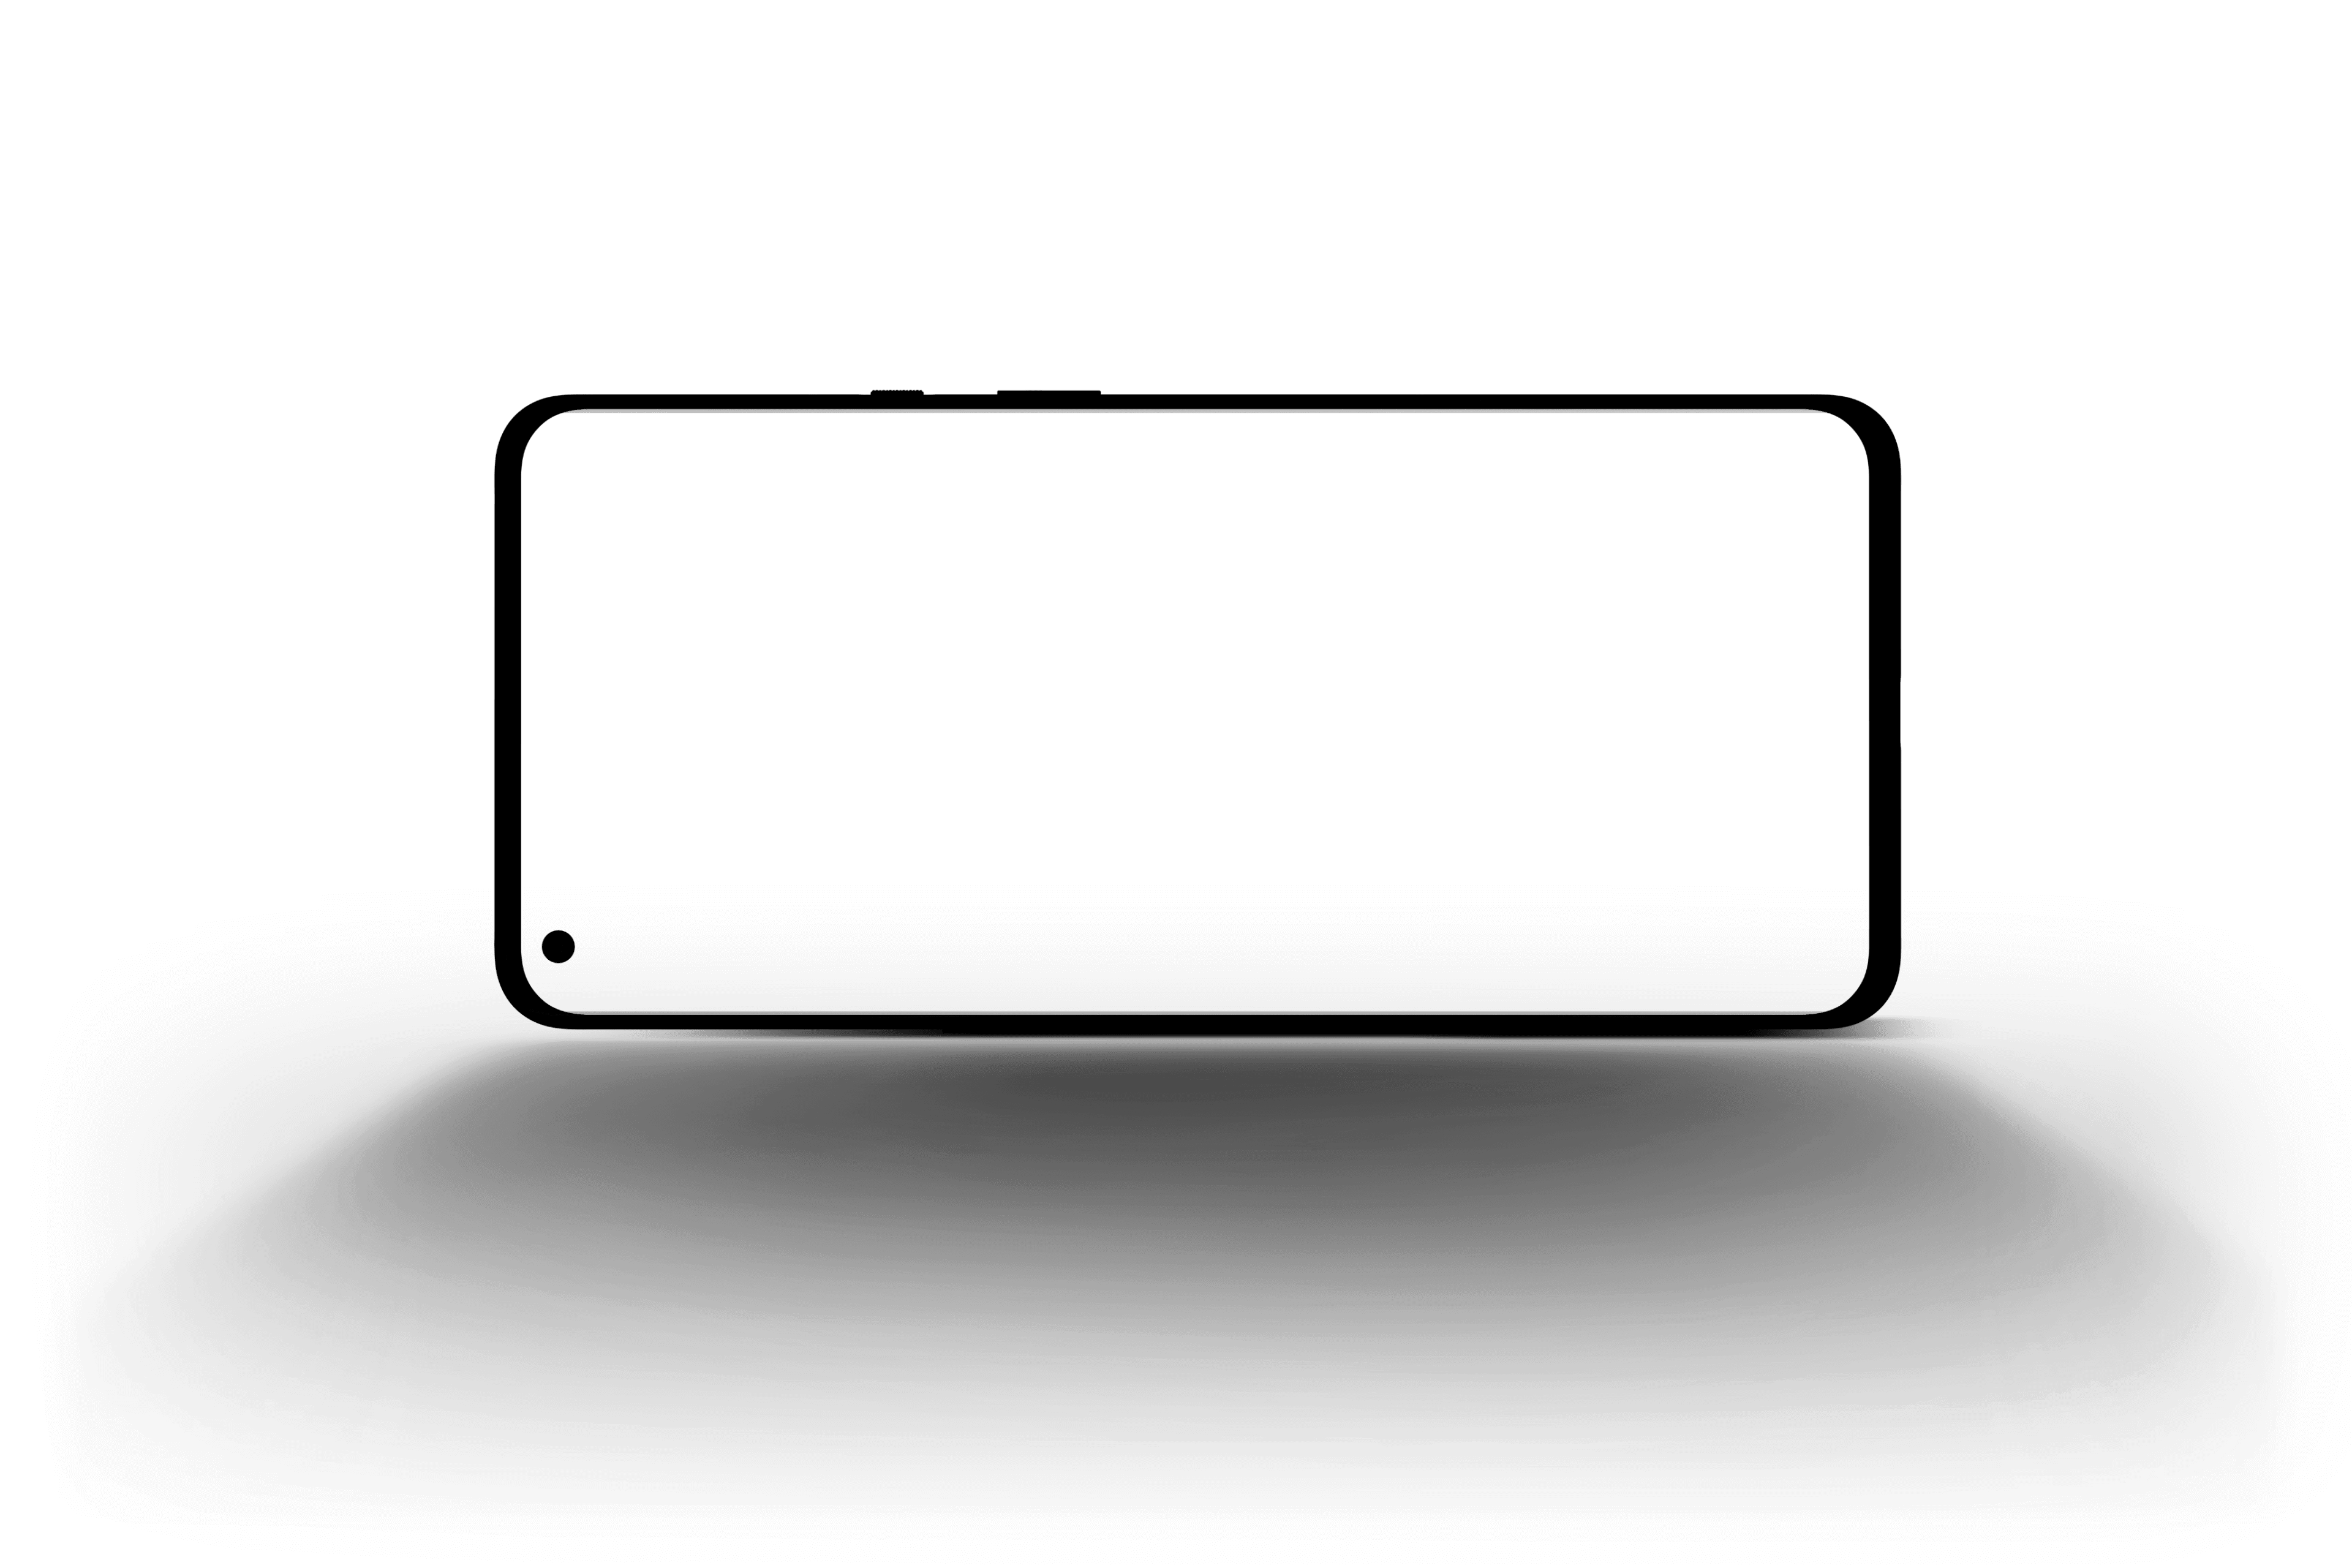 横板手机框